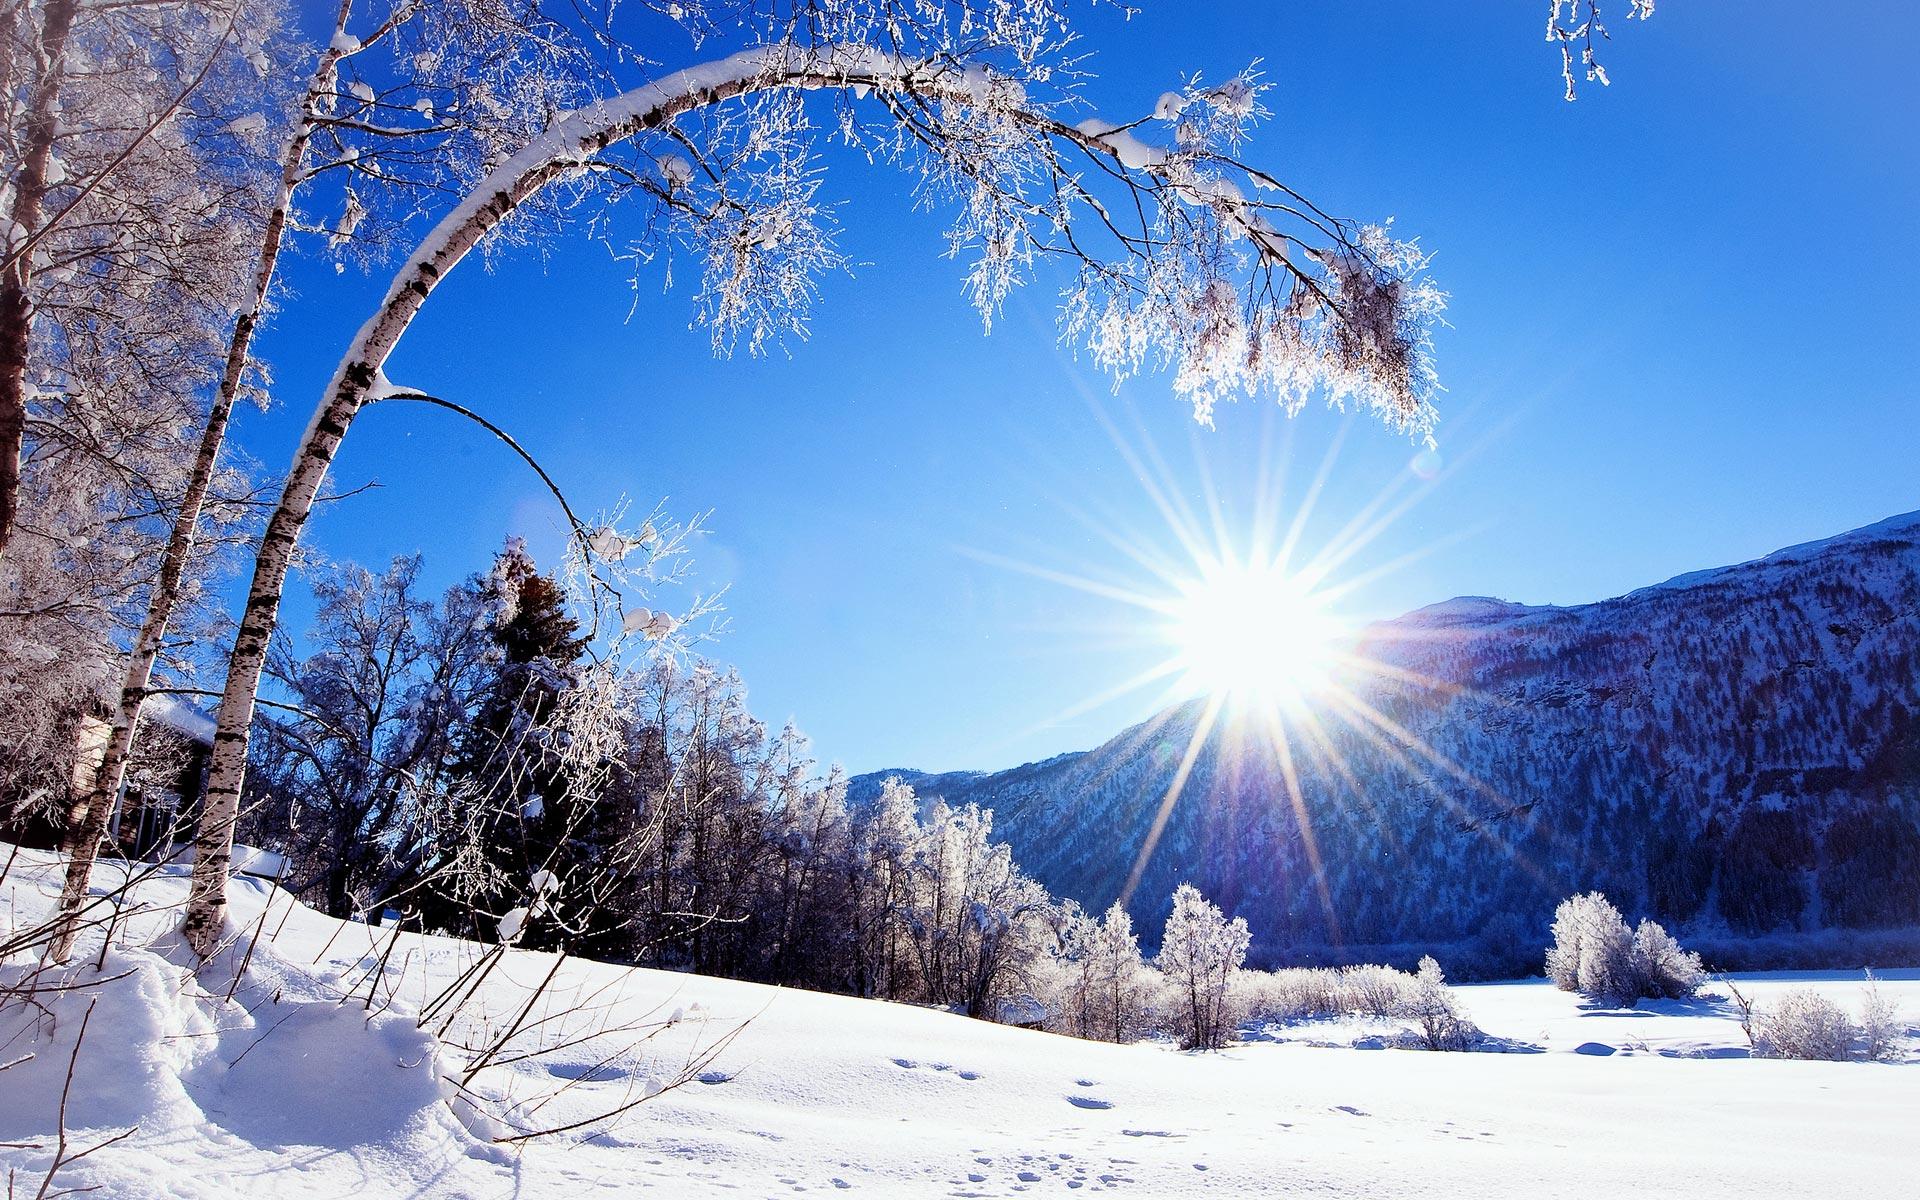 winter sun 3 hd widescreen wallpapers 1920x1200 1920x1200